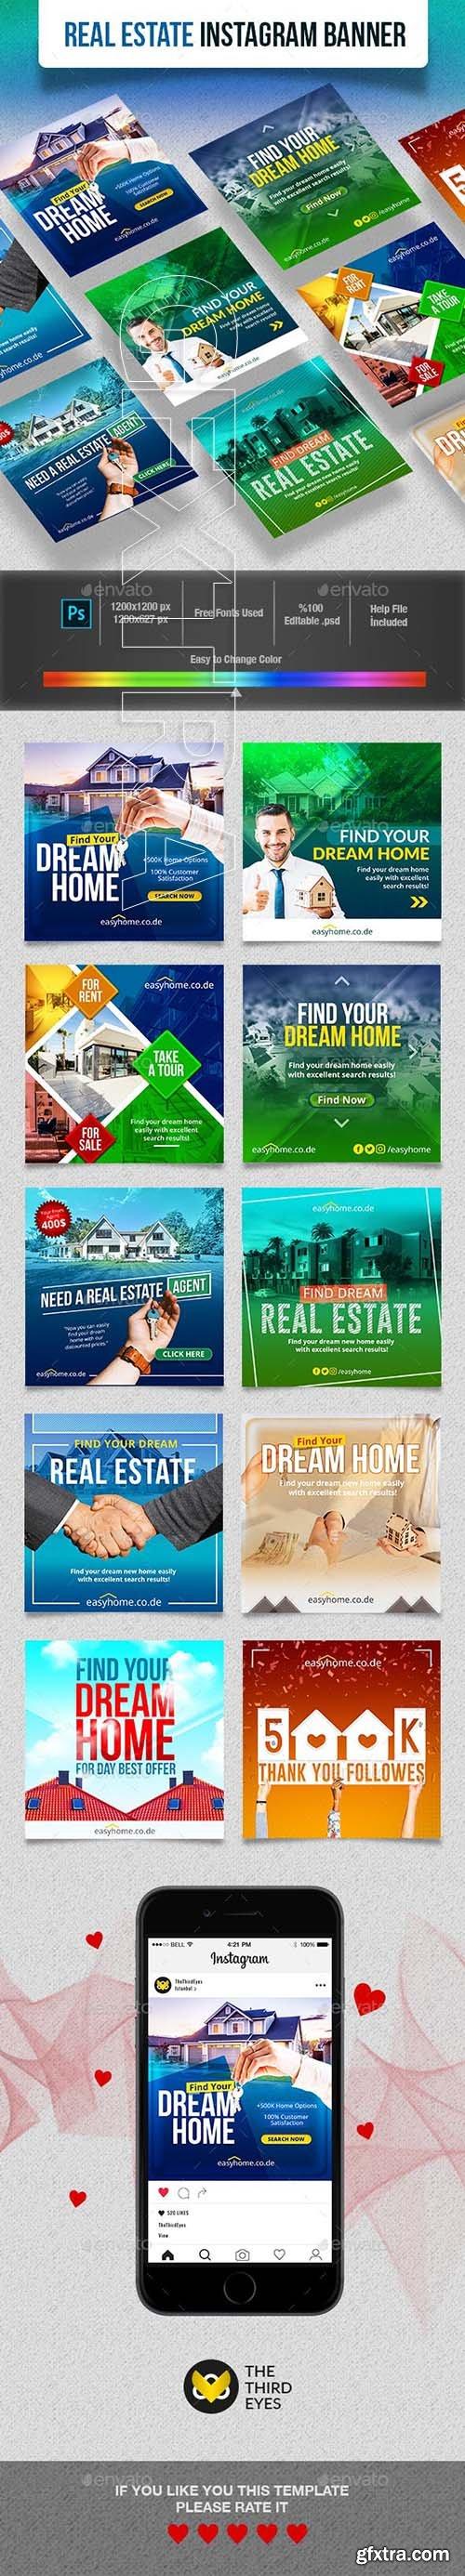 GraphicRiver - Real Estate Instagram Banner 23102118